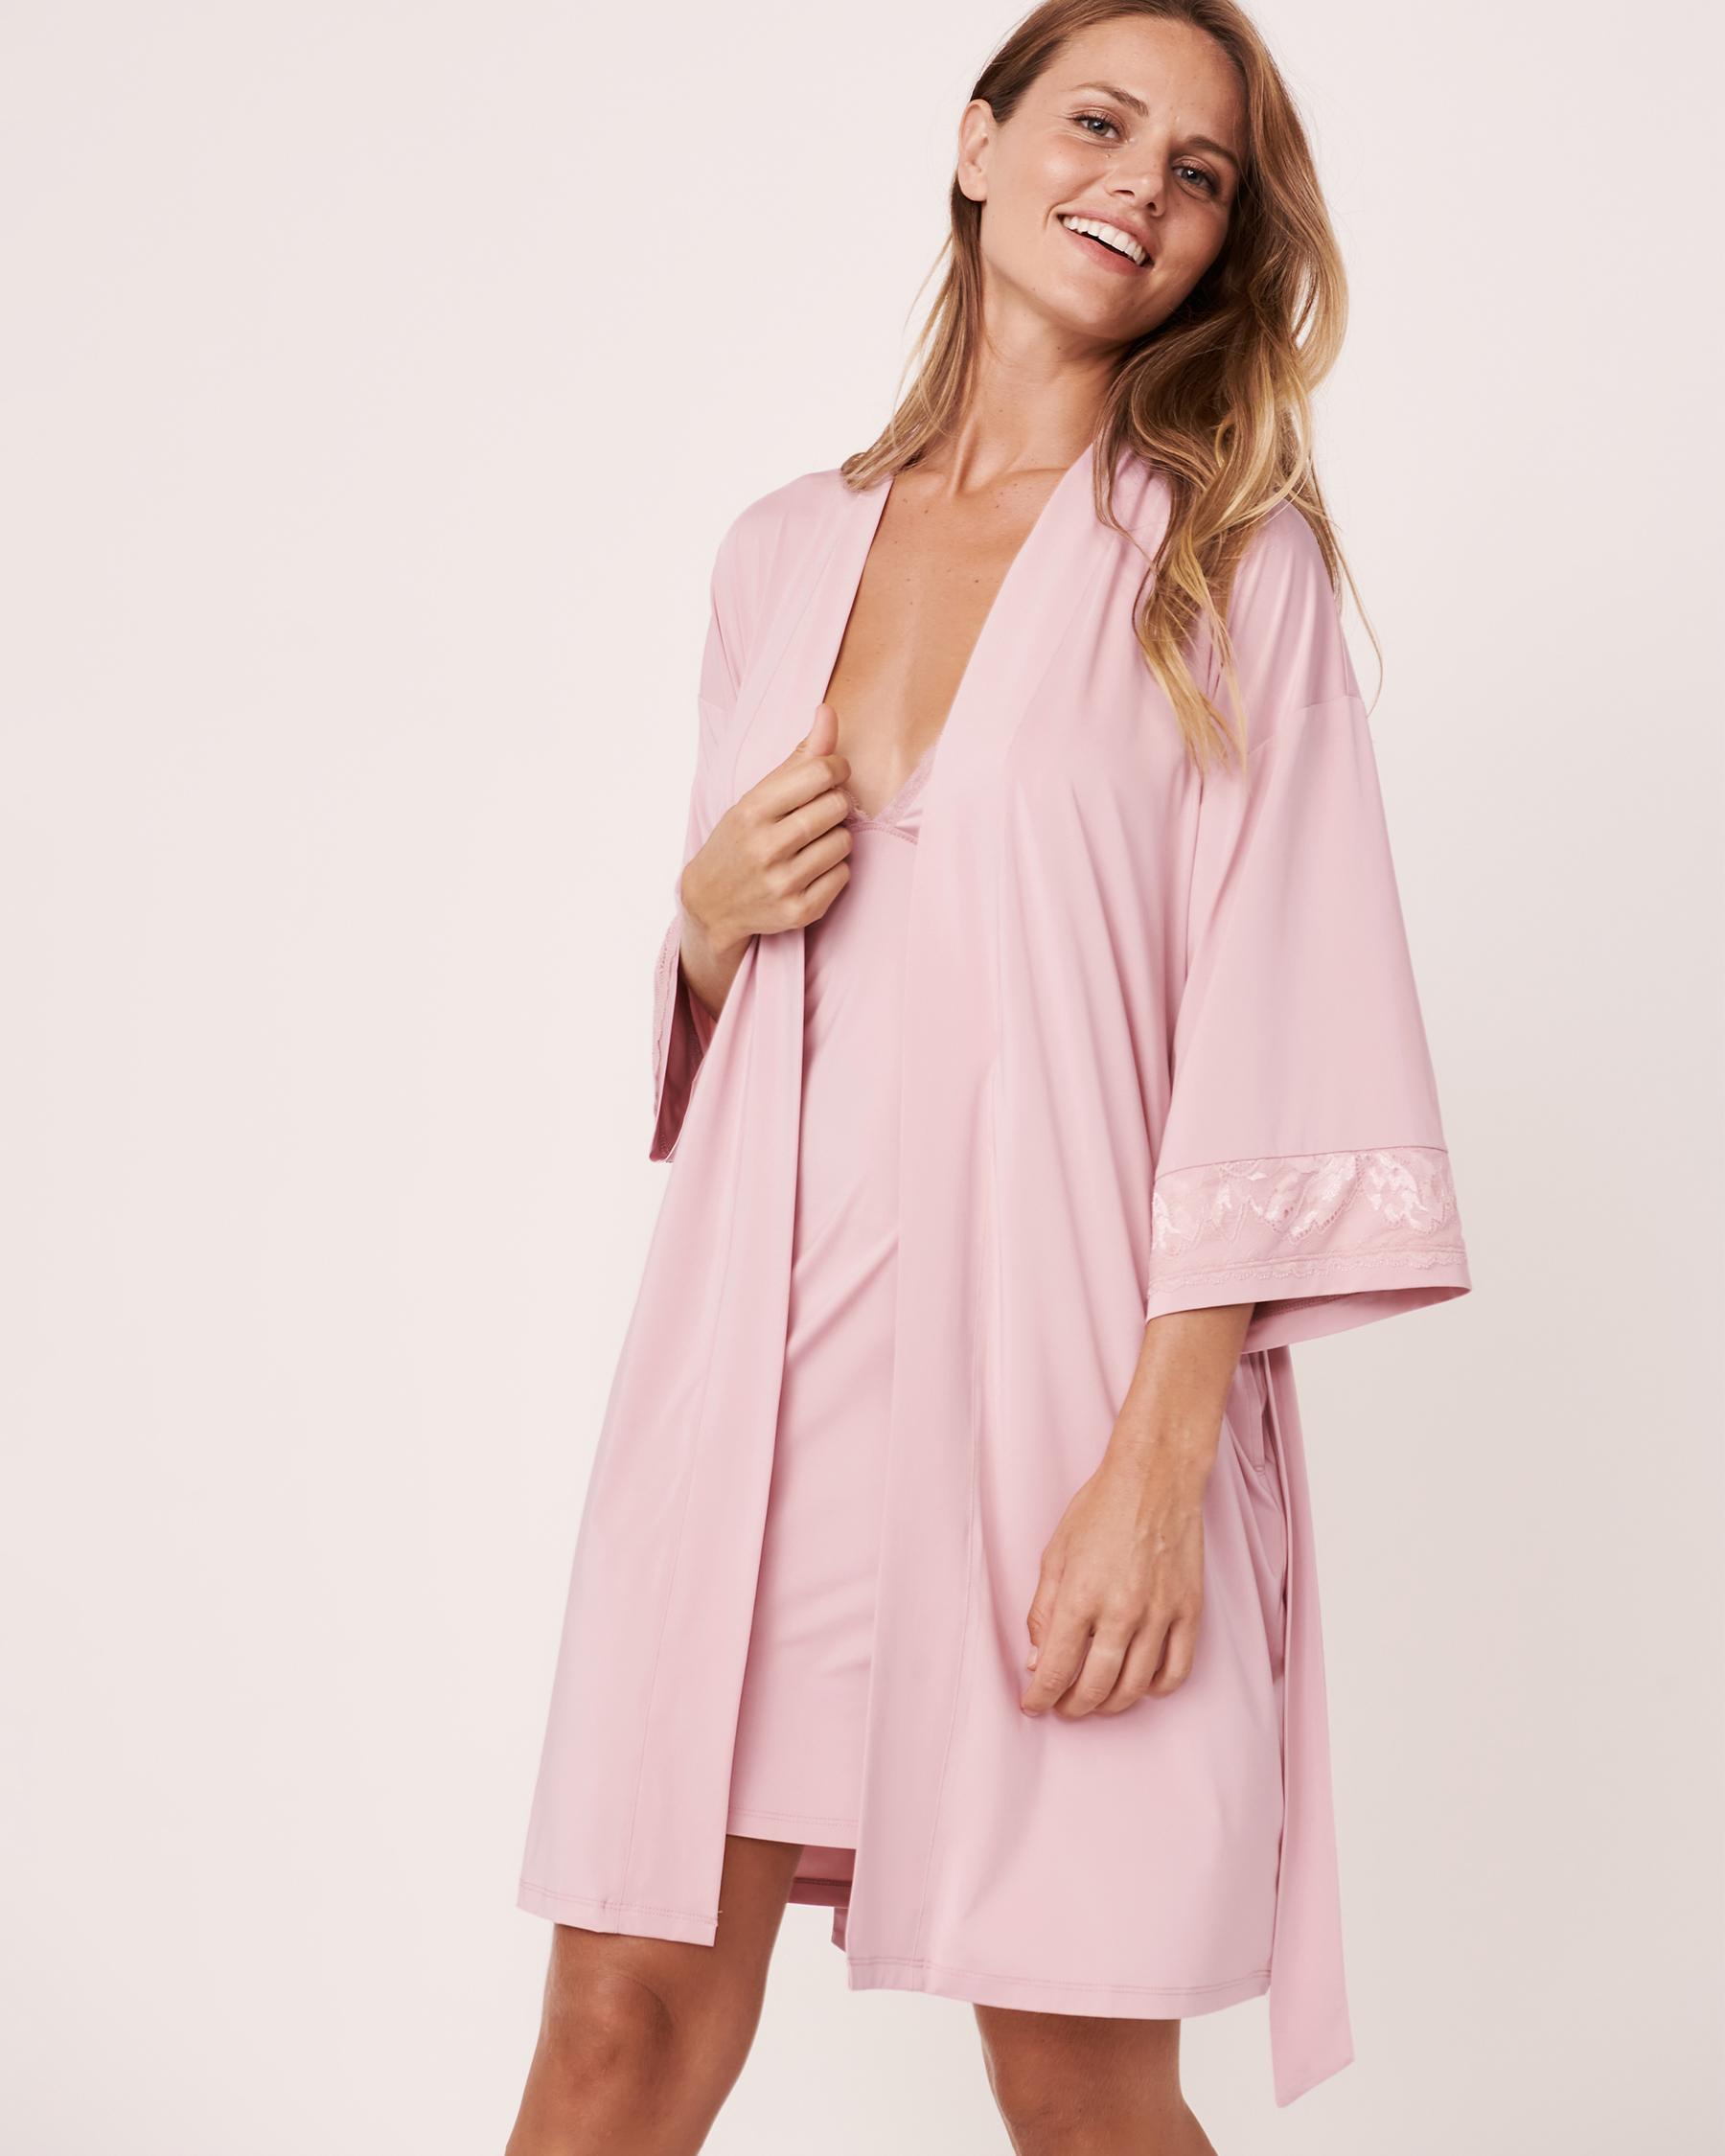 LA VIE EN ROSE Recycled Fibers Lace Trim Kimono Lilac 60600008 - View3